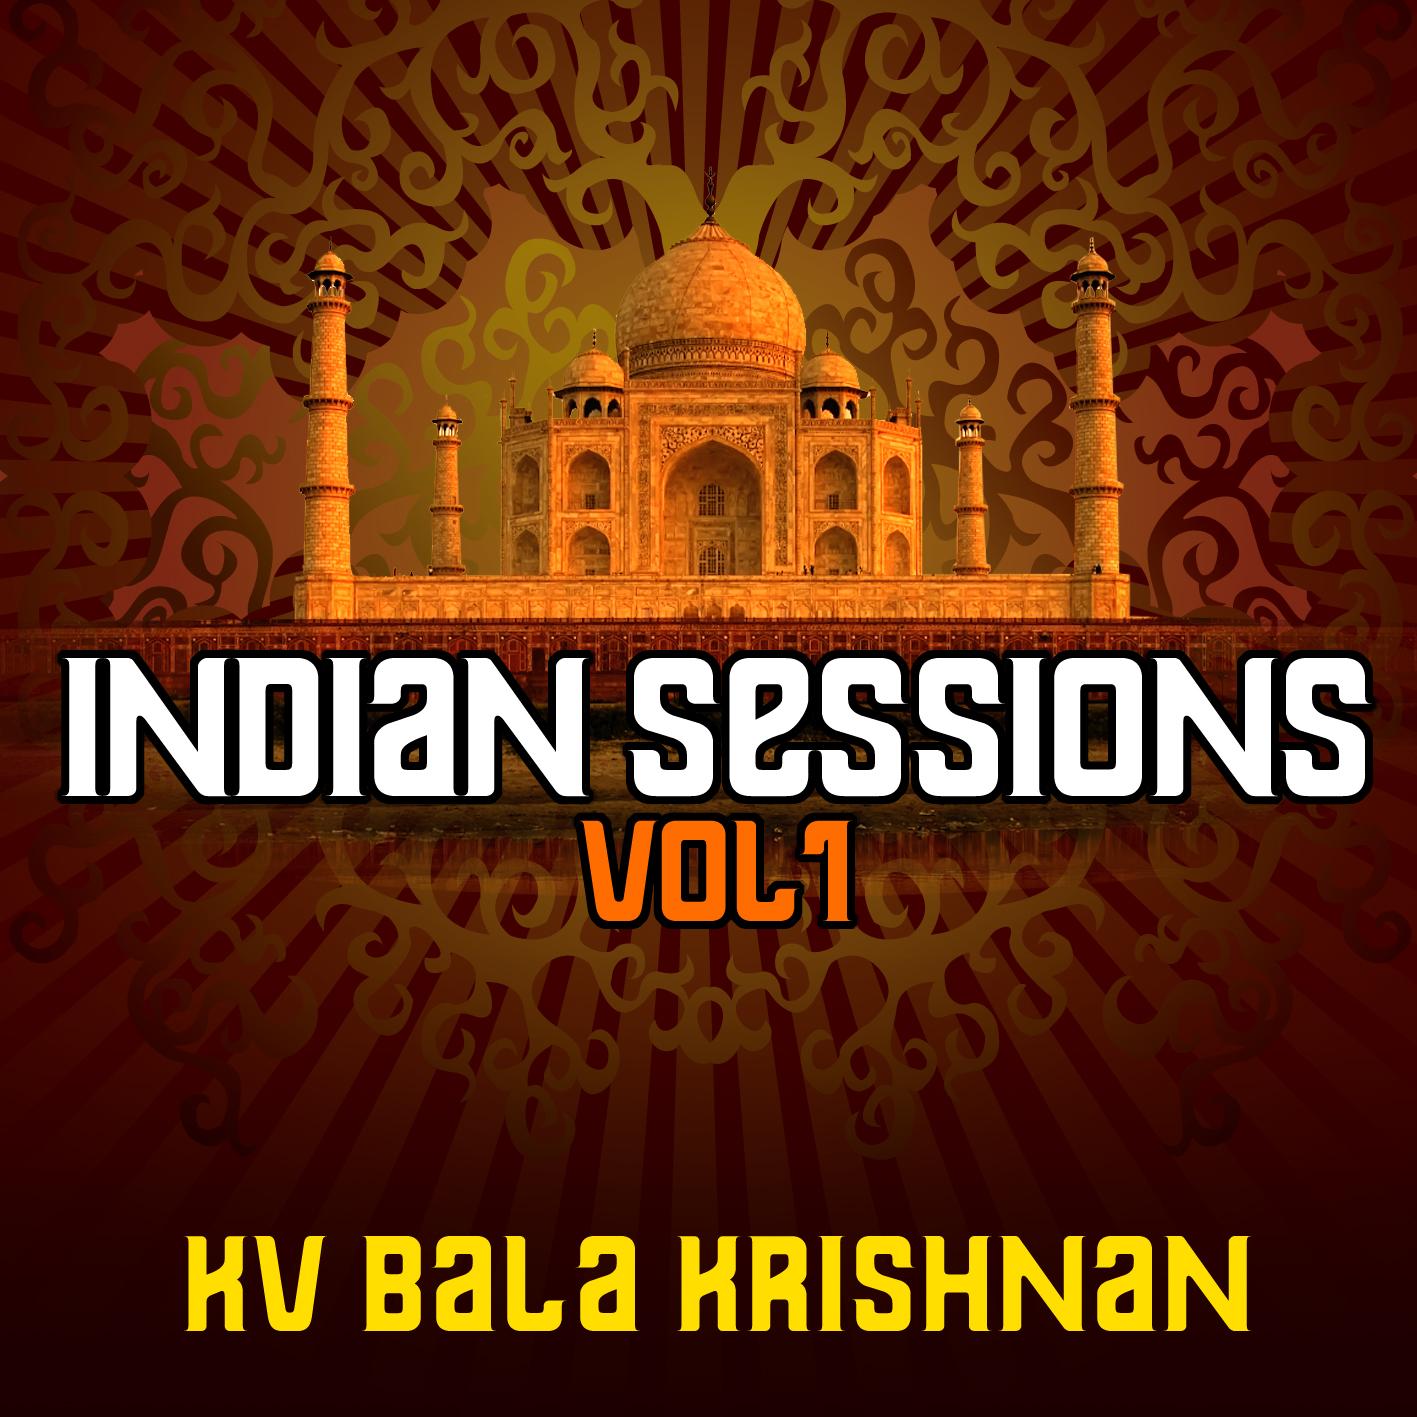 Indian Sessions - KV Bala Krishnan